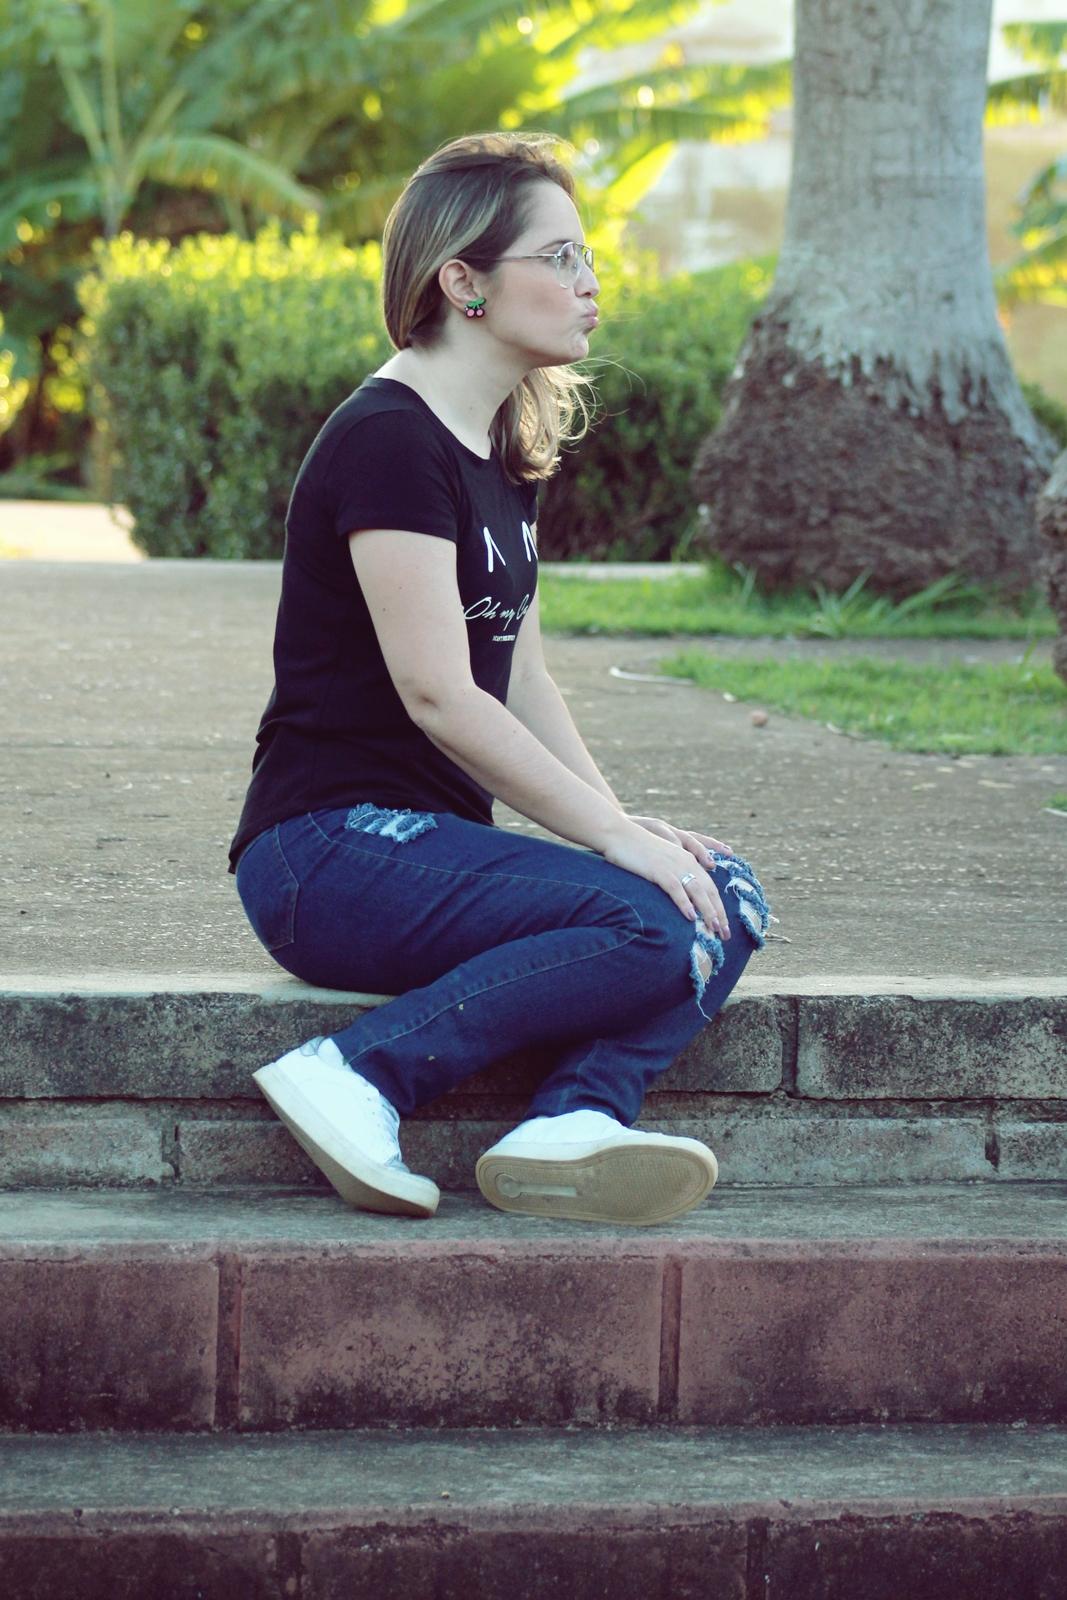 brinco divertido com calça jeans